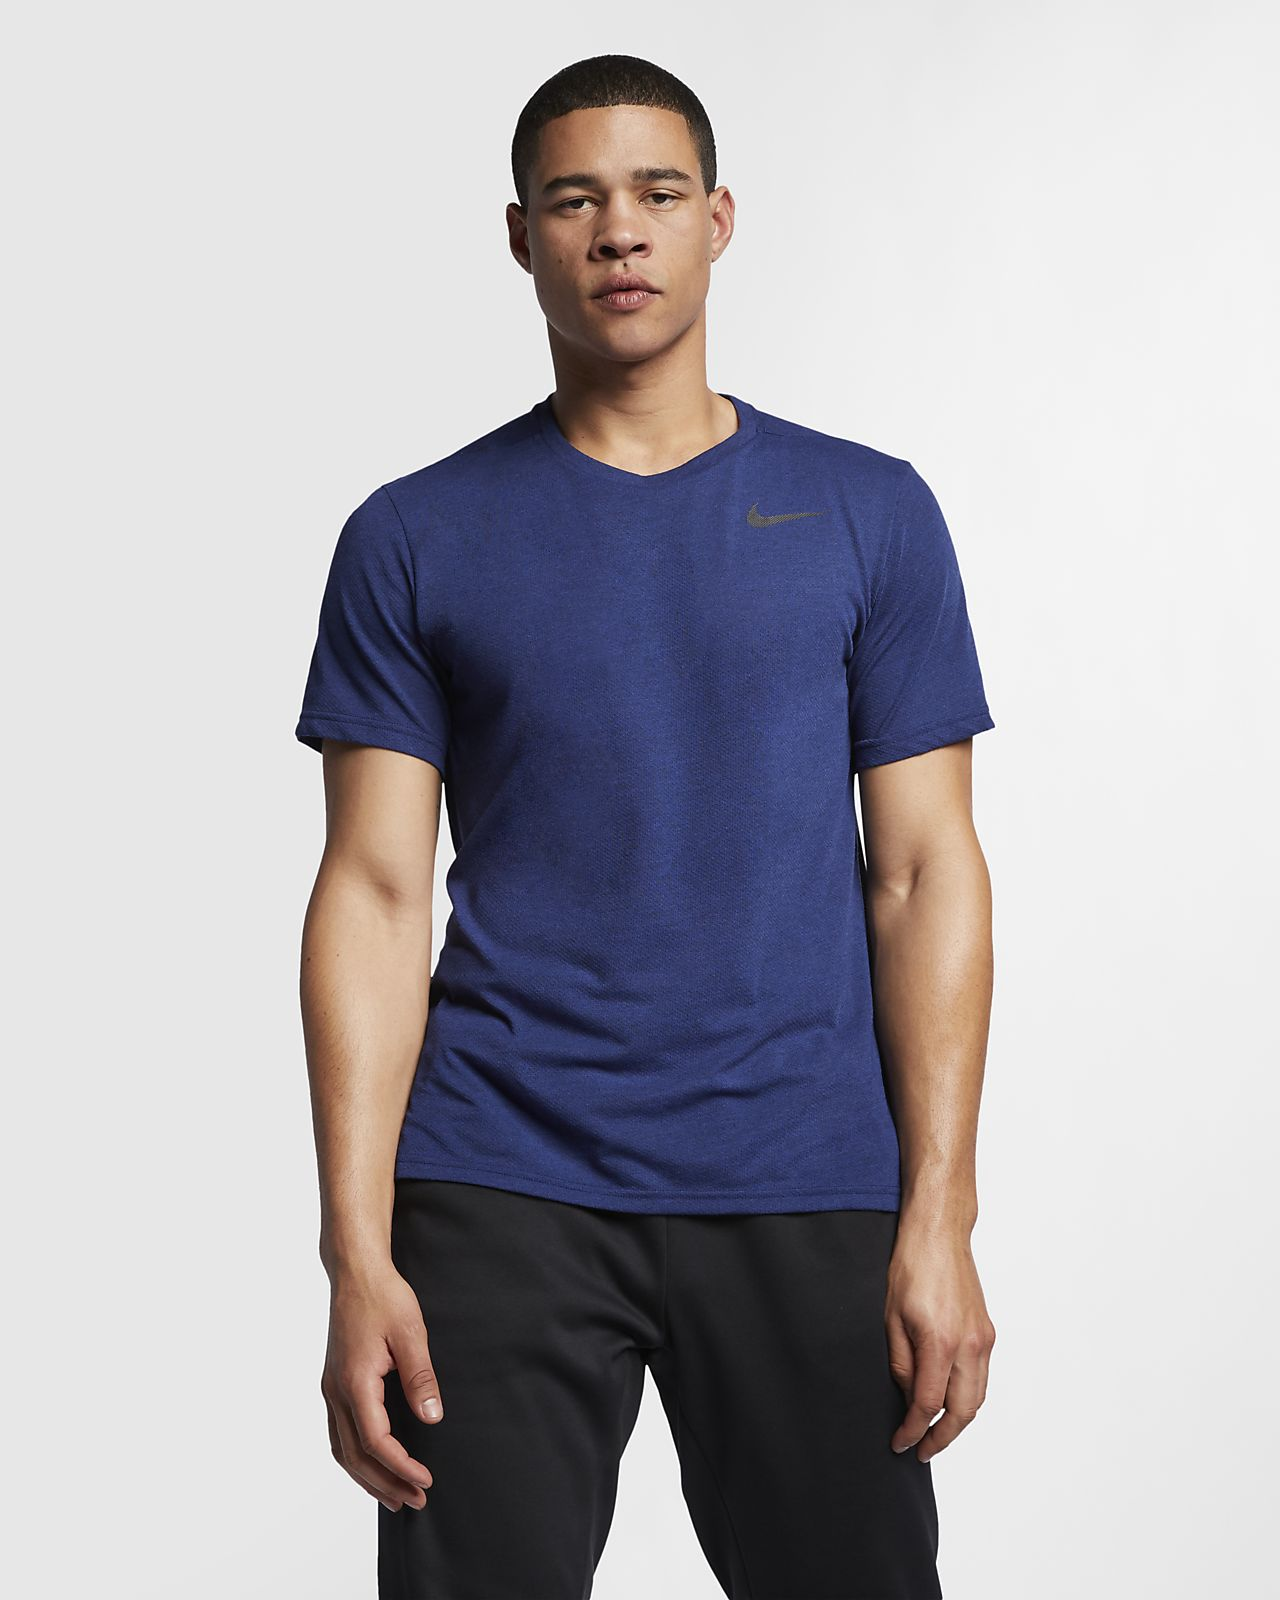 Ανδρική κοντομάνικη μπλούζα προπόνησης Nike Breathe